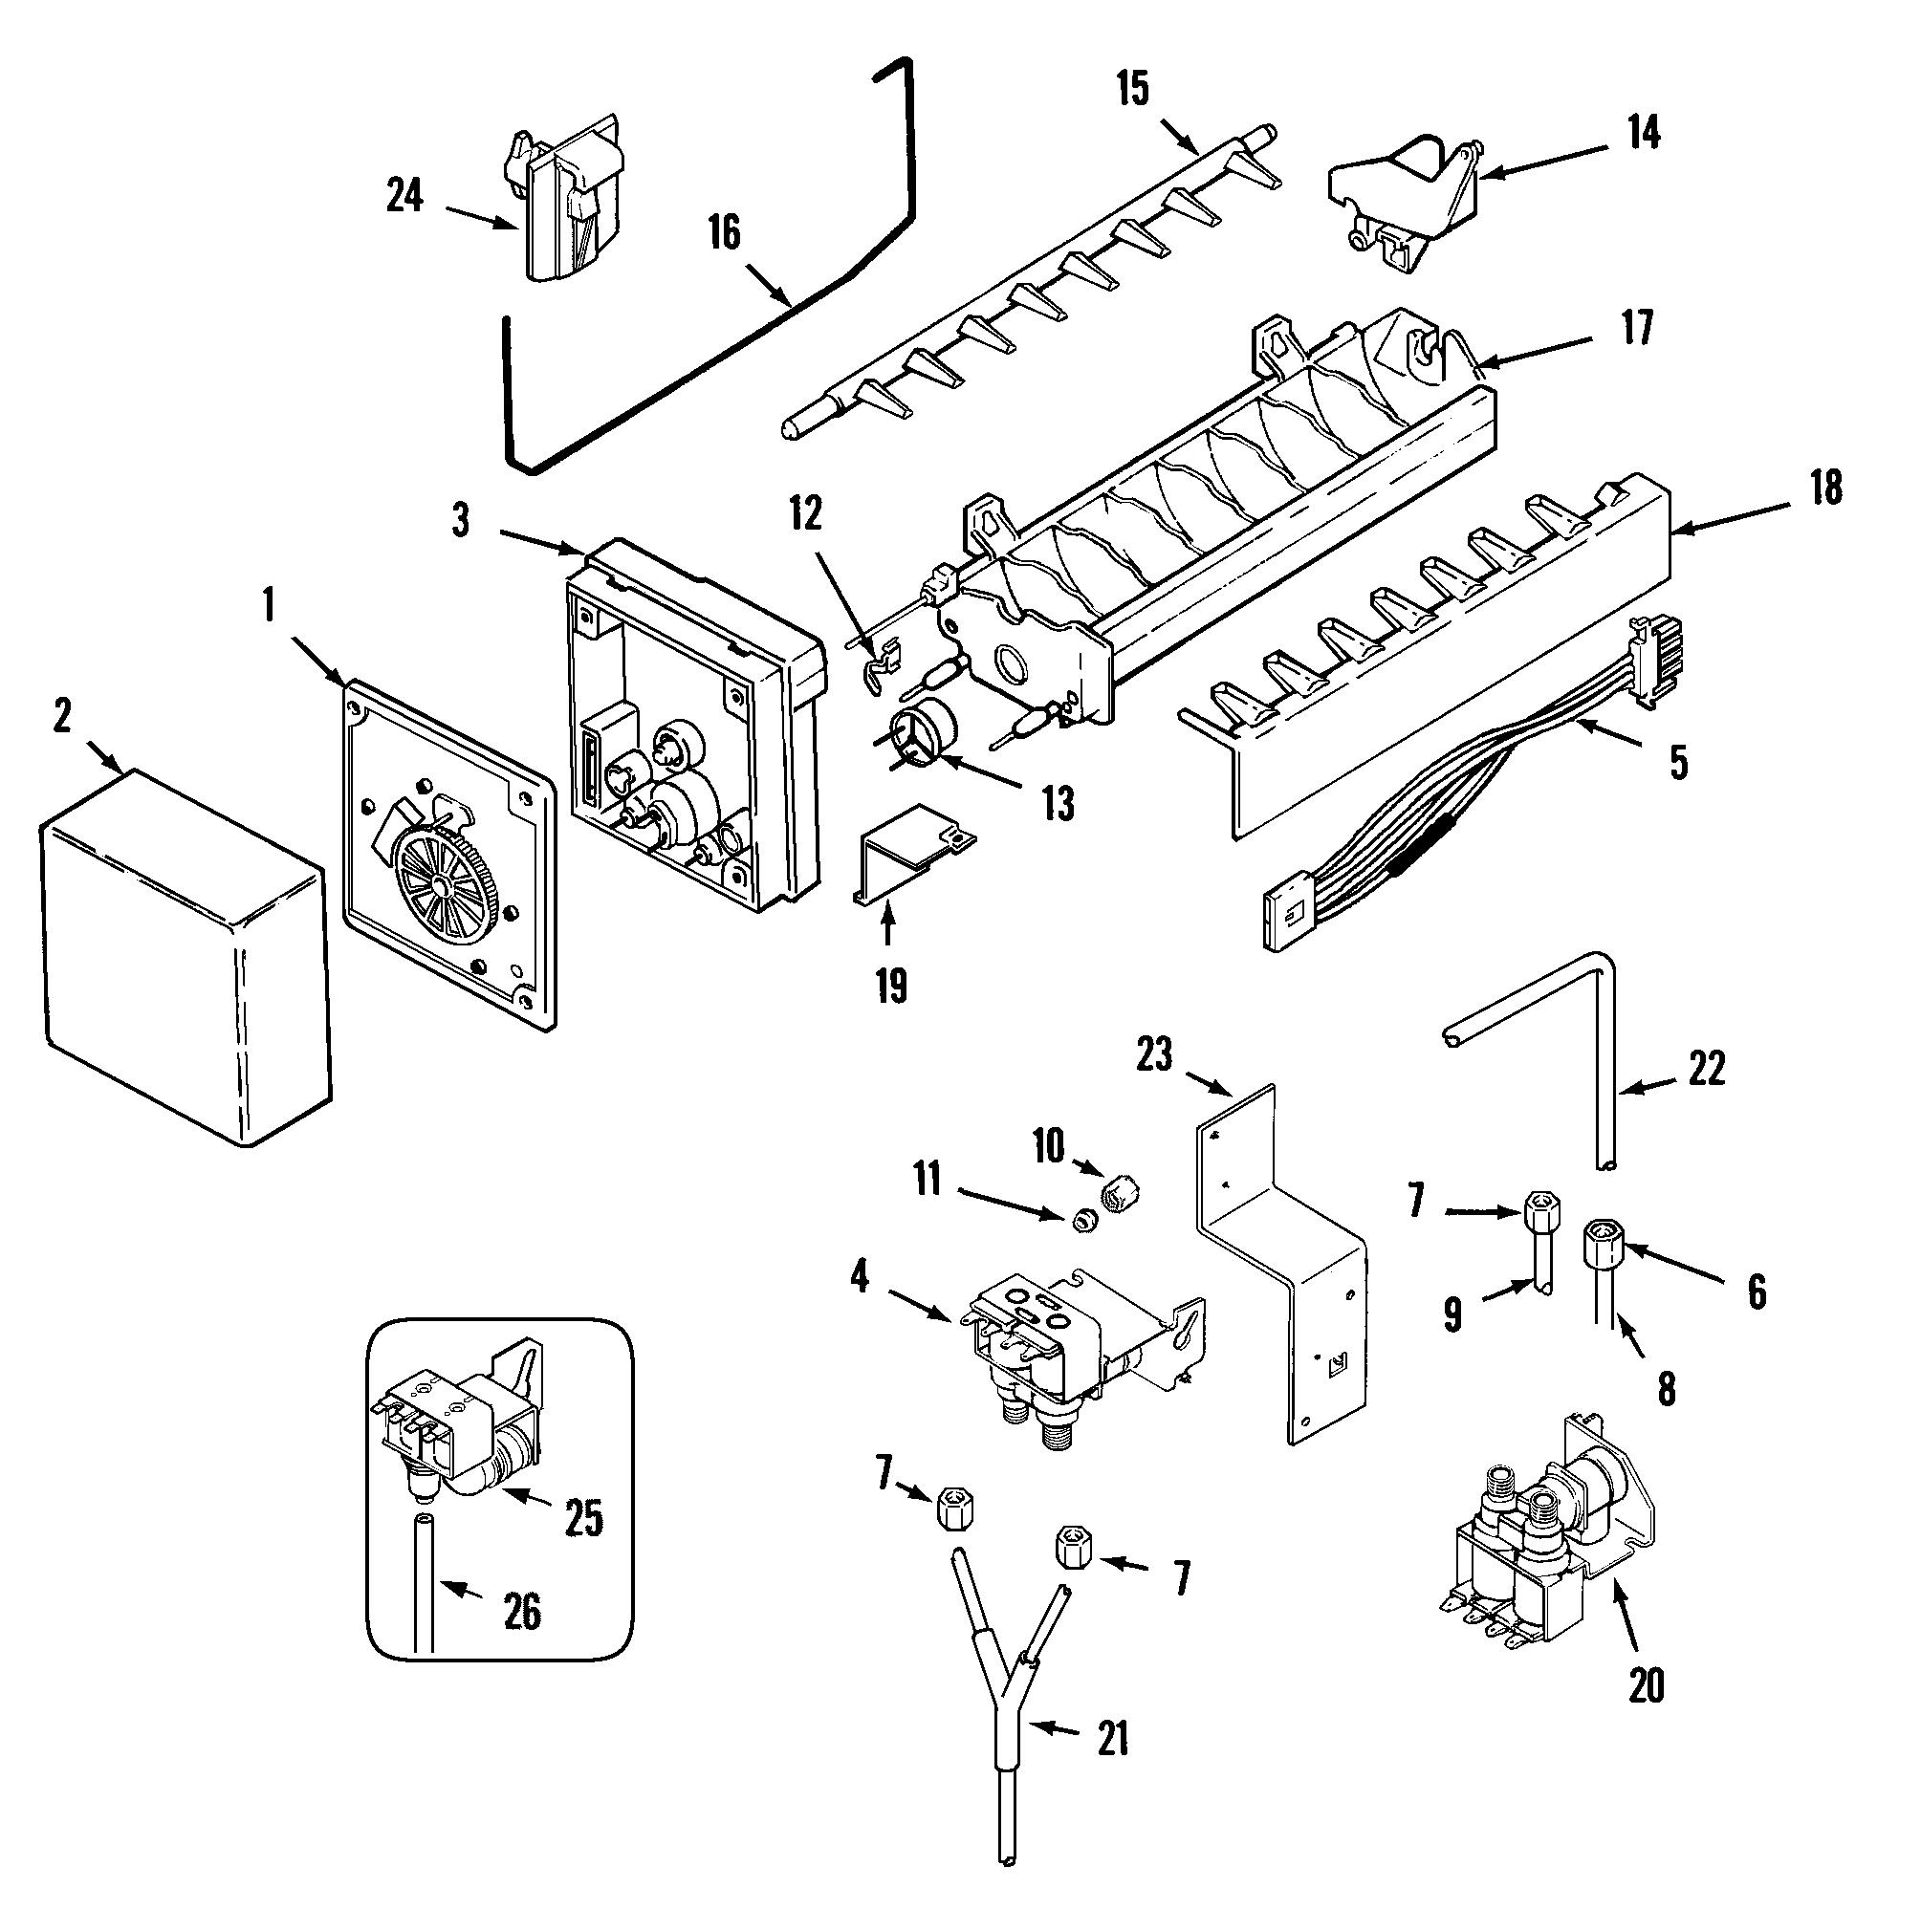 maytag diagrams cs 2493  maytag dishwasher parts diagram likewise whirlpool  maytag dishwasher parts diagram